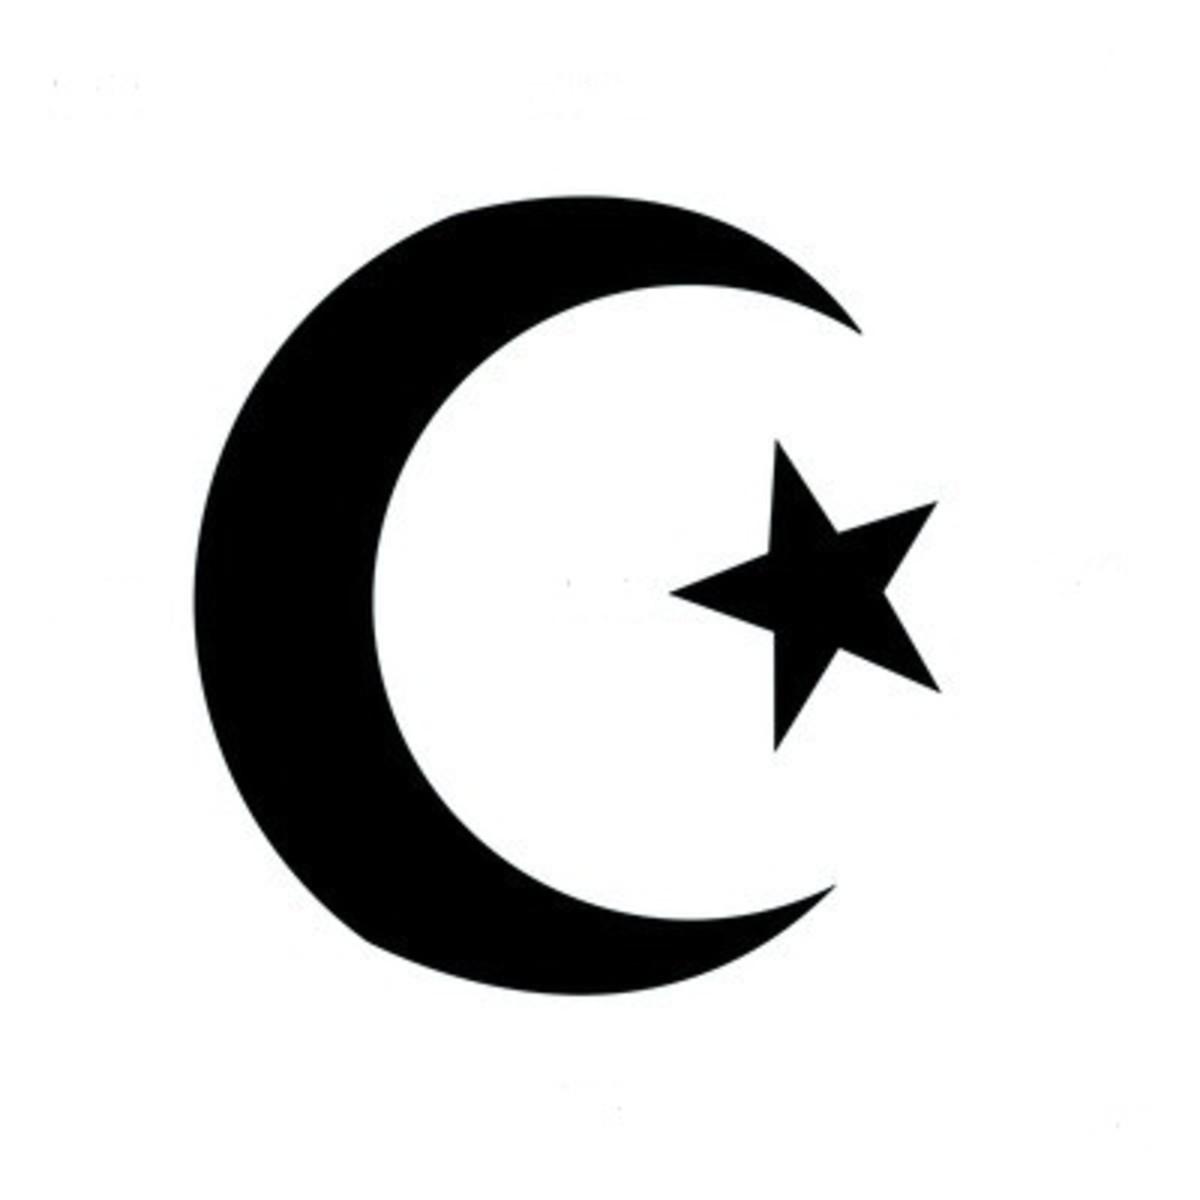 Zeichen Des Islam